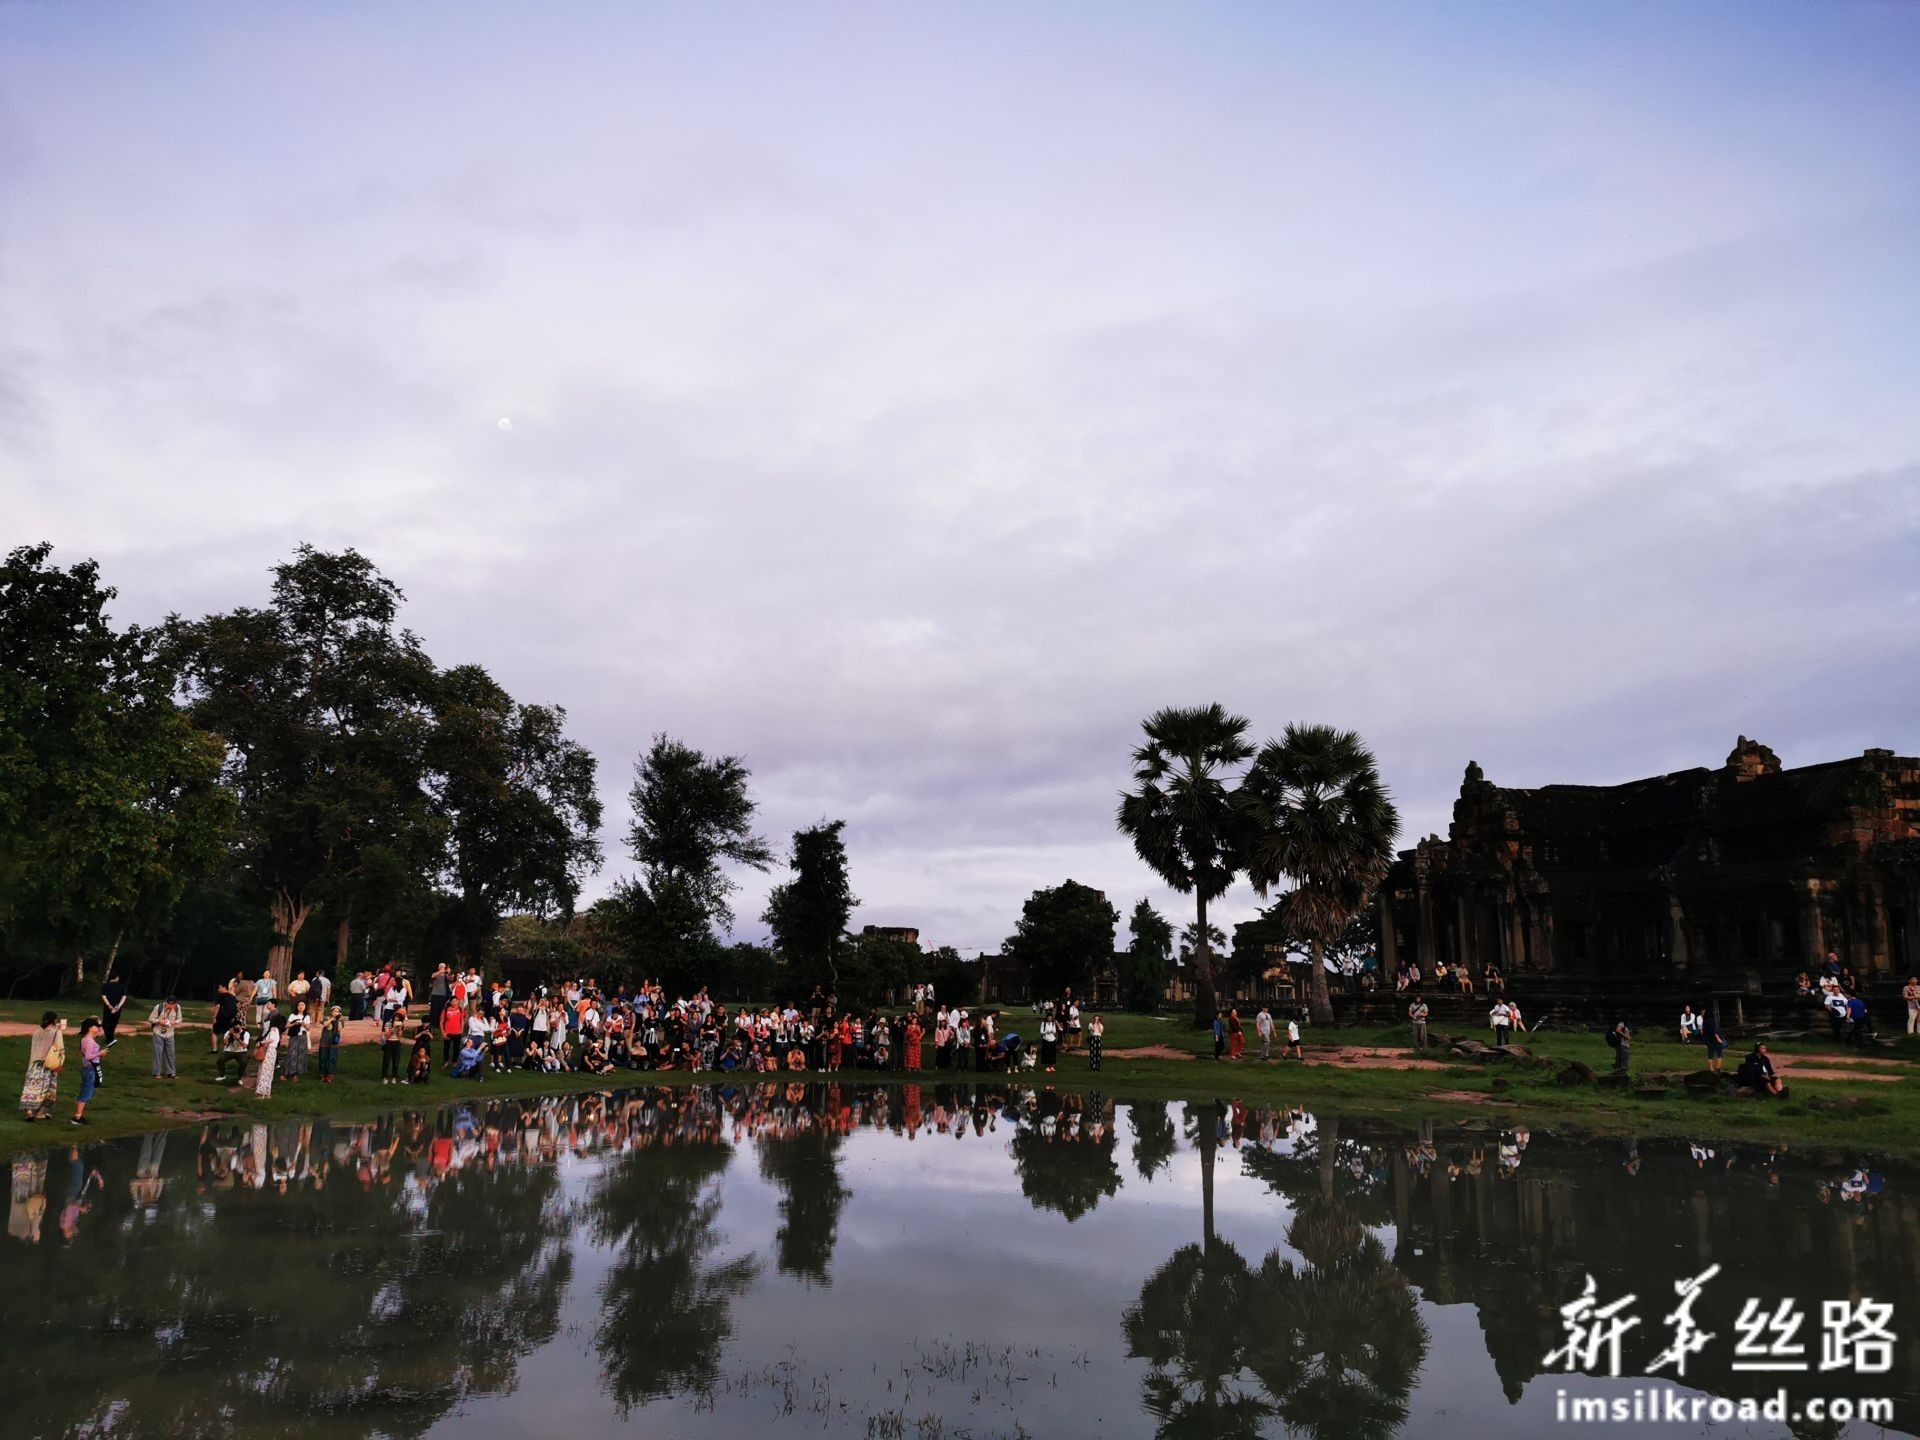 """图为9月16日,在柬埔寨暹粒吴哥古迹,游客清晨在拍摄吴哥寺(又称""""吴哥窟""""或""""小吴哥"""")日出。                                                                                                                                   新华社记者毛鹏飞摄"""